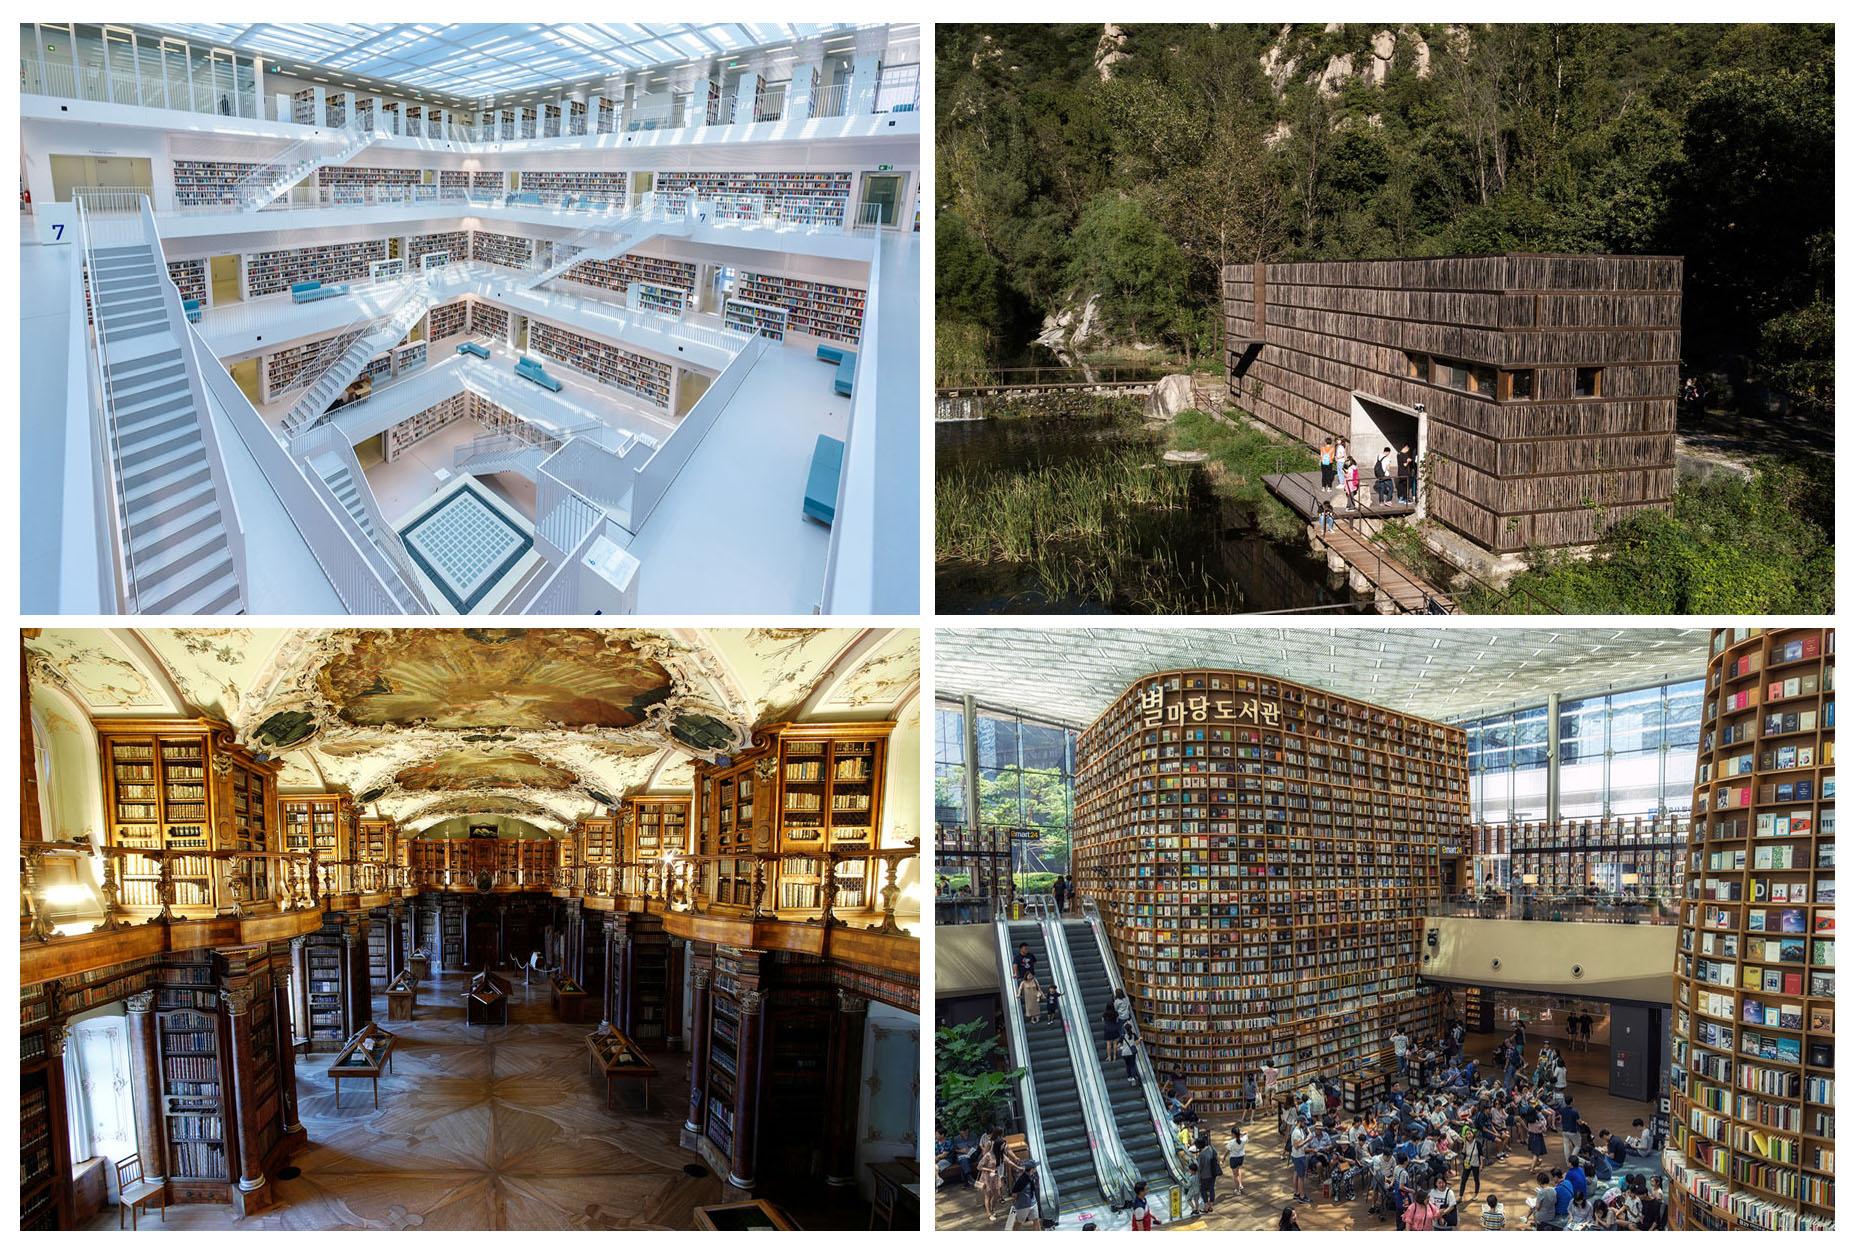 نگاهی به دیدنیترین کتابخانههای دنیا